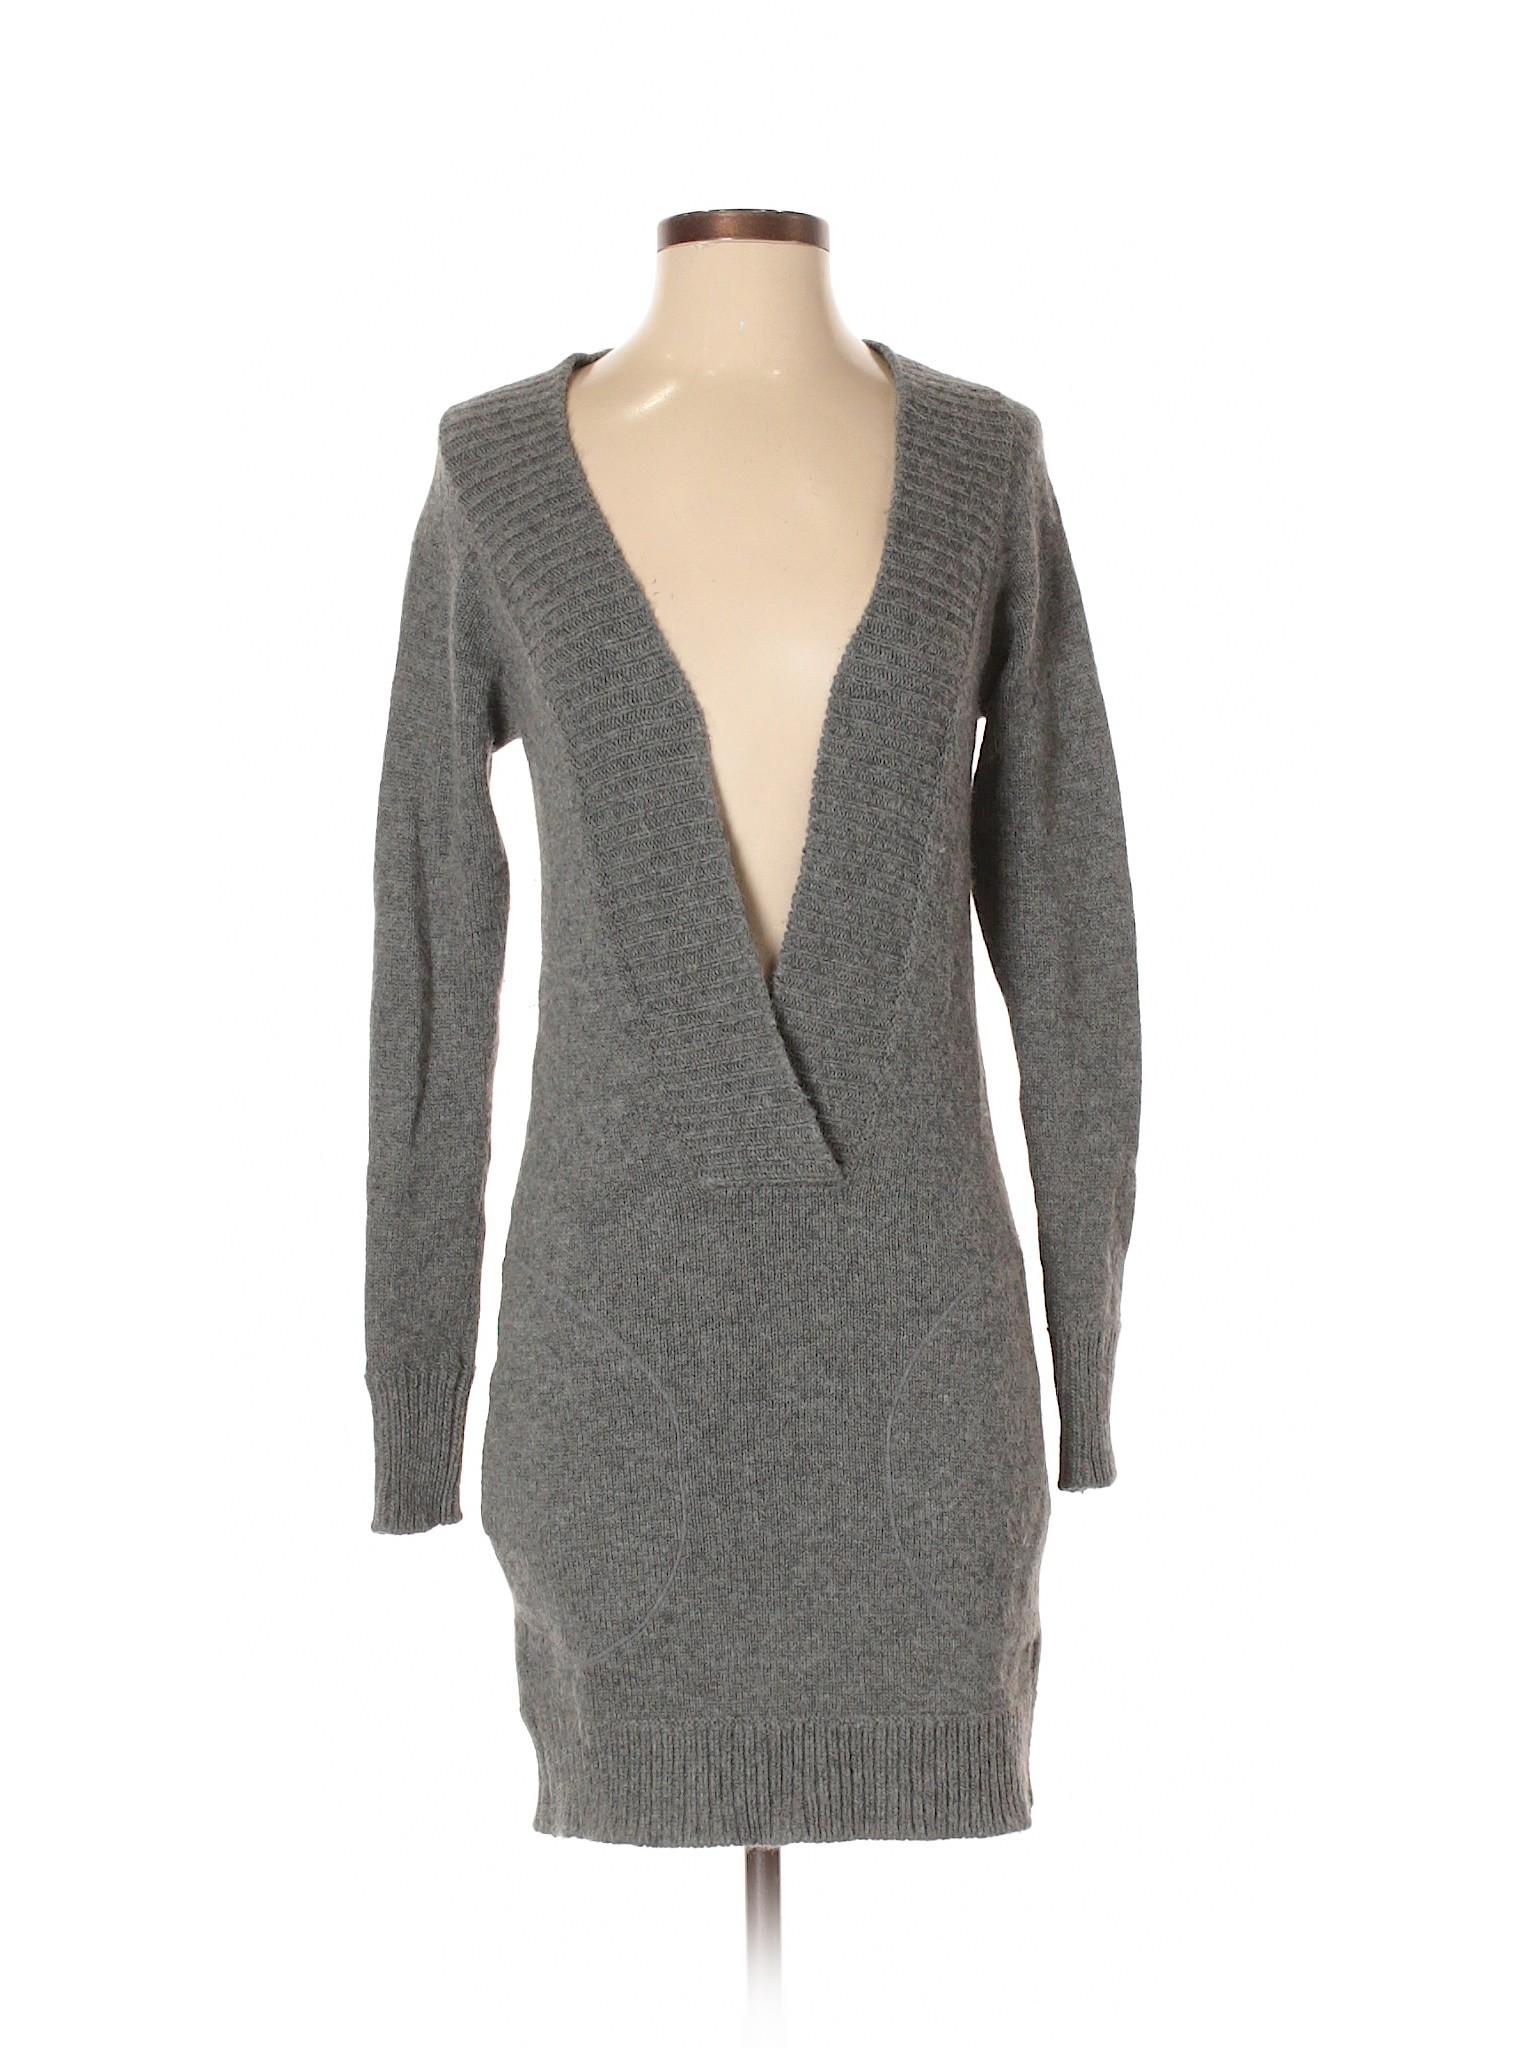 Vince winter Vince winter Boutique Casual Boutique Dress q7IWwTvxC